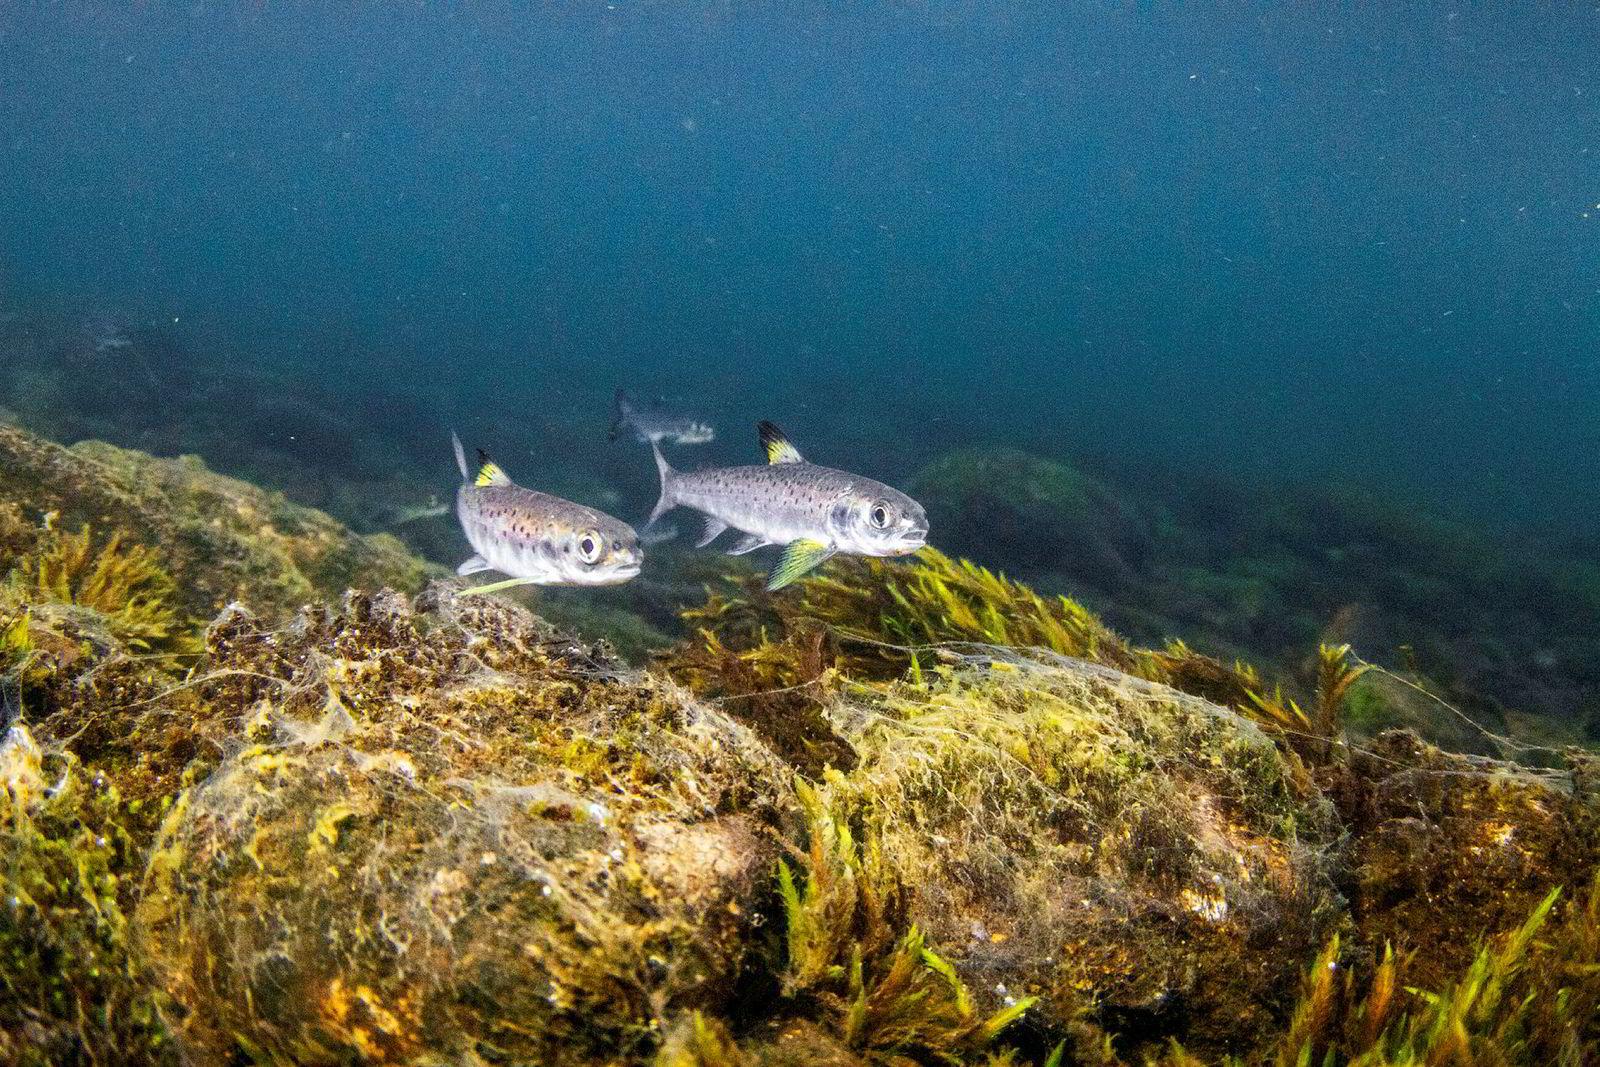 Smolt fotografert på vei ut av Evangervatnet, en av innsjøene i Vossovassdraget der forskningen viser at en stor andel av smolten dør – uten at man helt vet hvorfor.